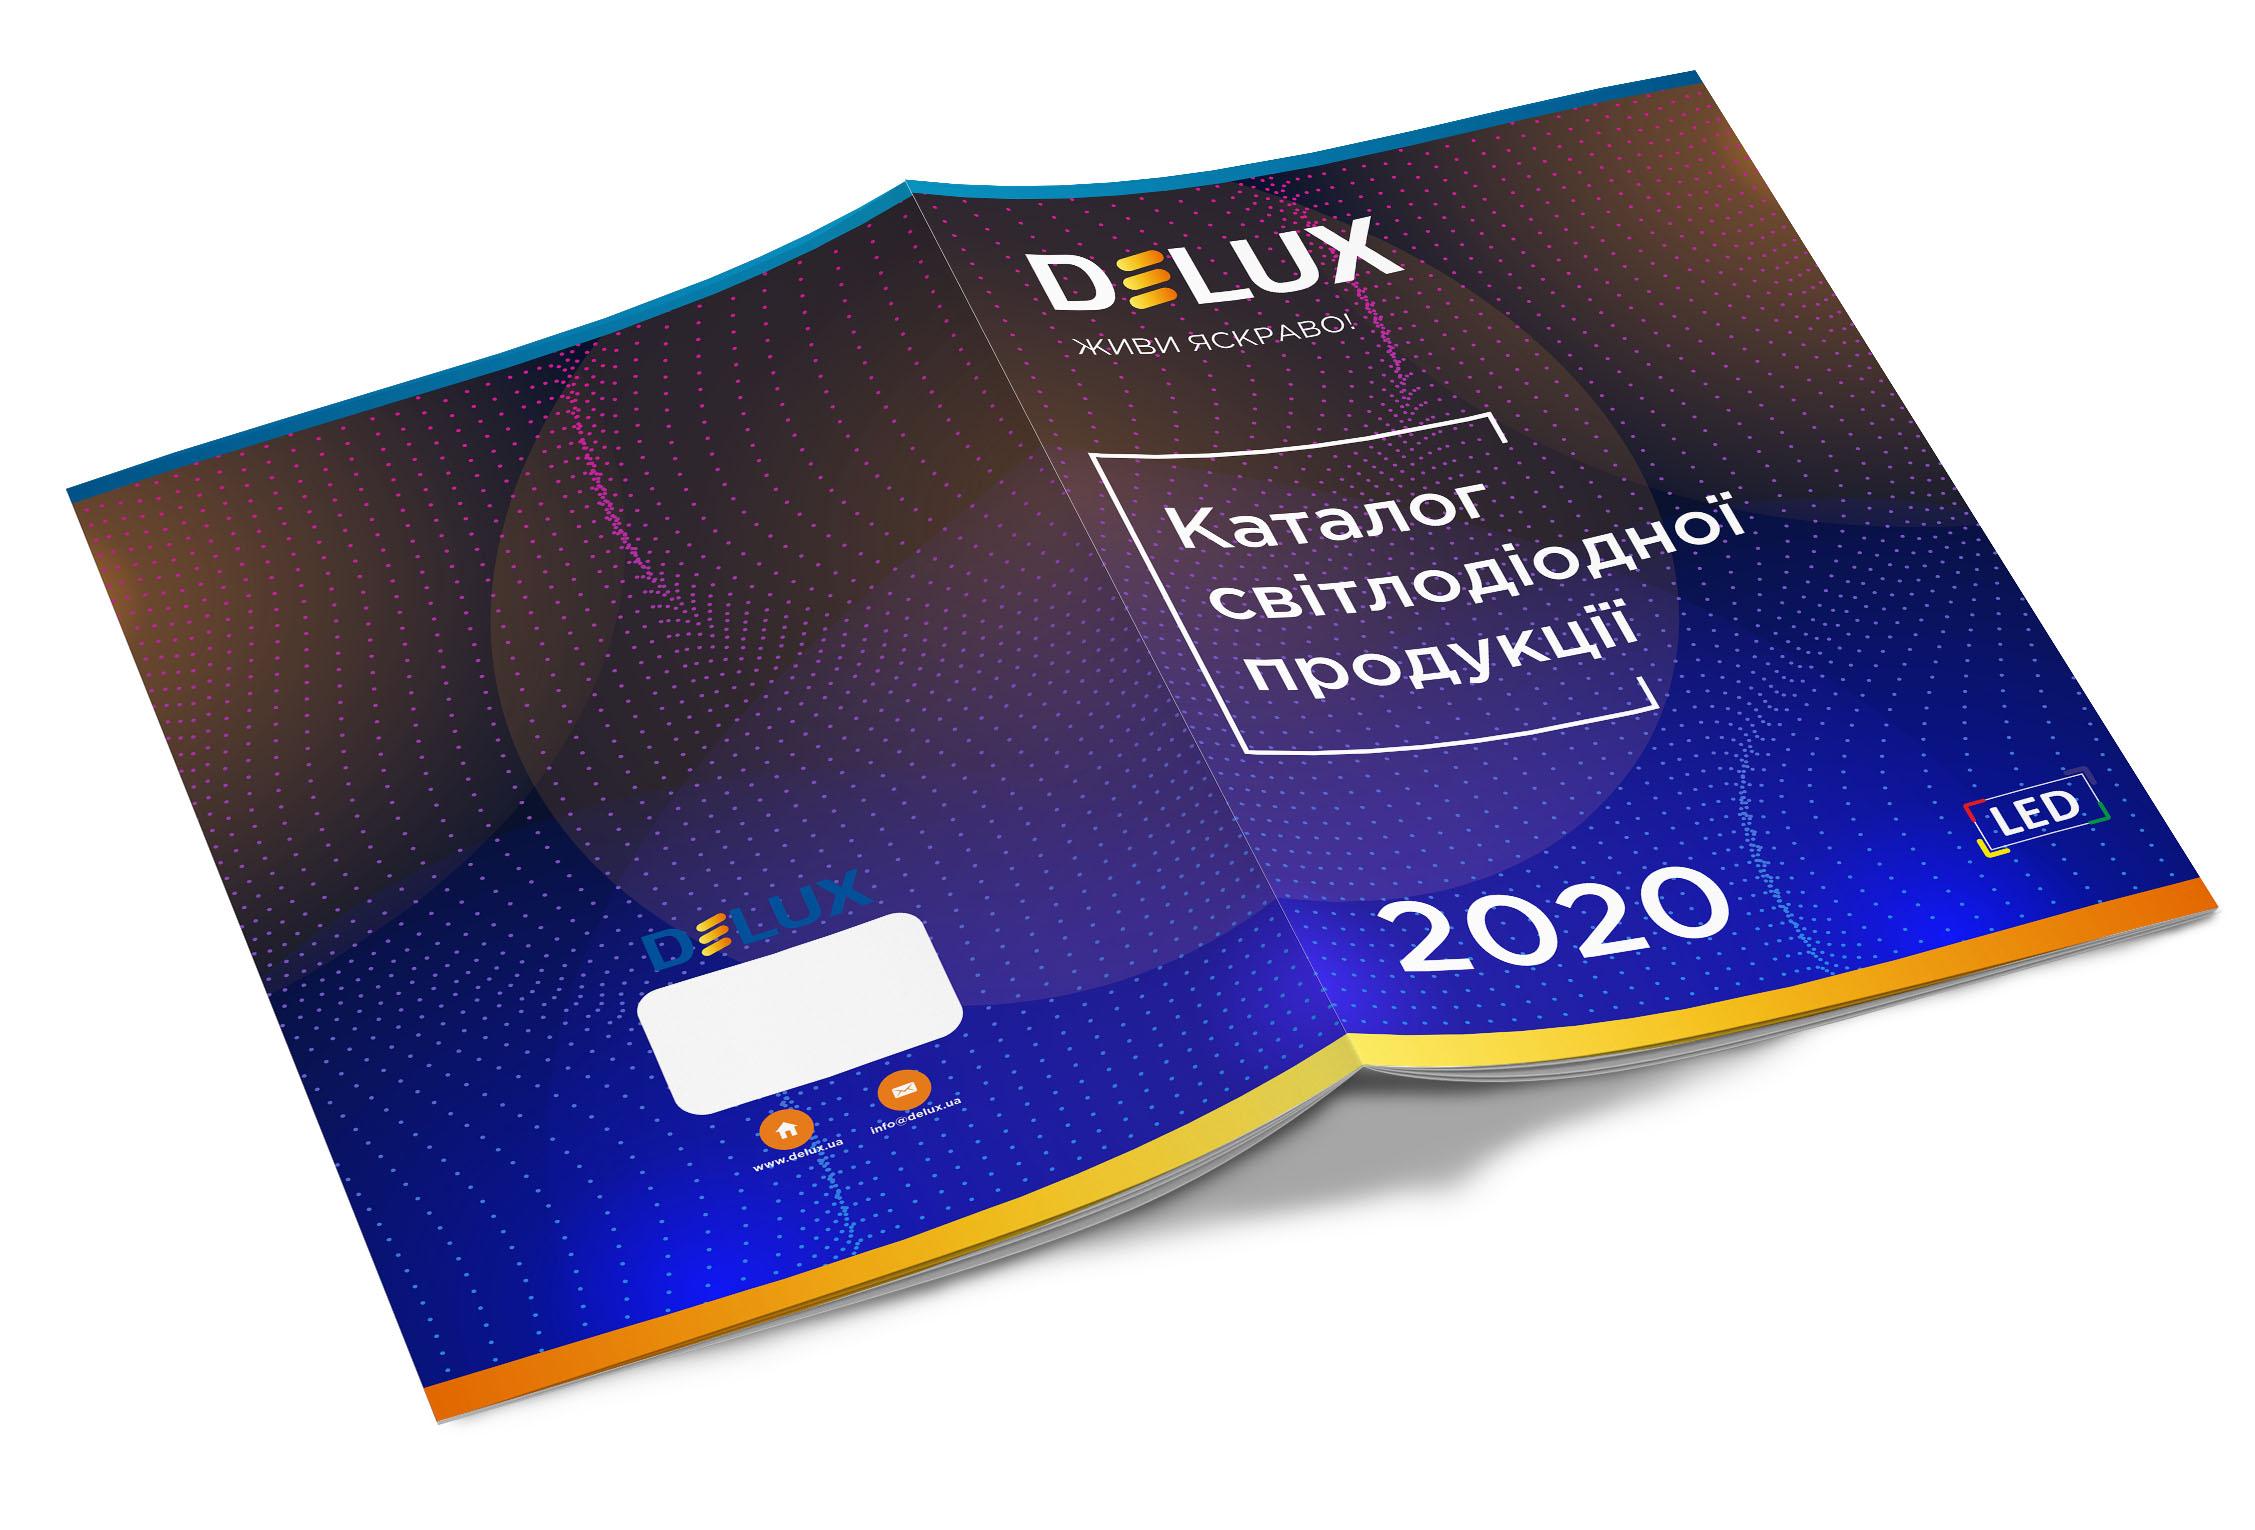 Kаталог світлодіодної продукції Delux 2020